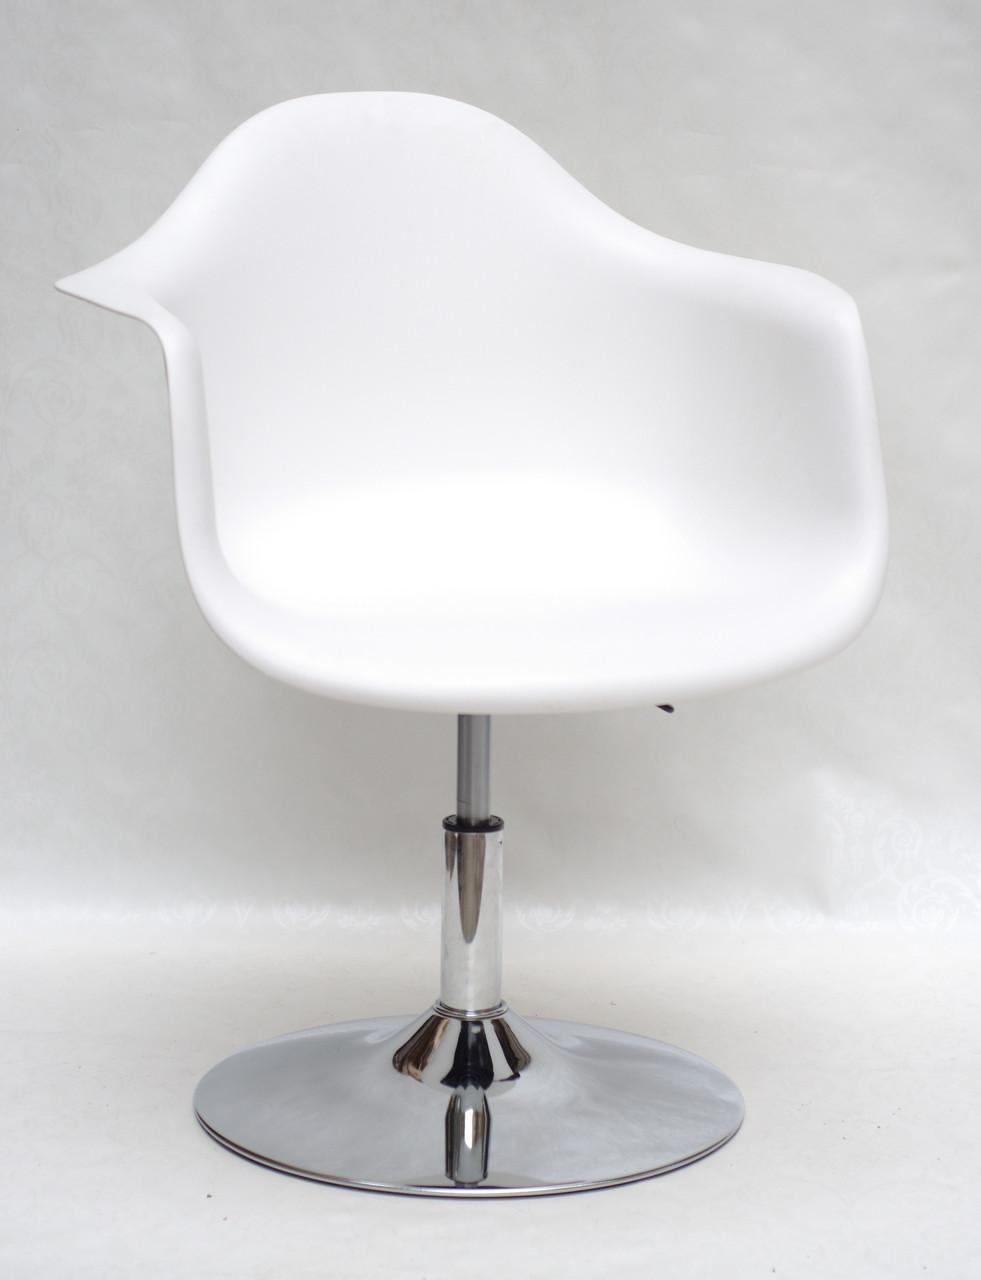 Крісло пластикове на круглій основі регульоване Leon CH - Base для салонів краси, барбершопов біле